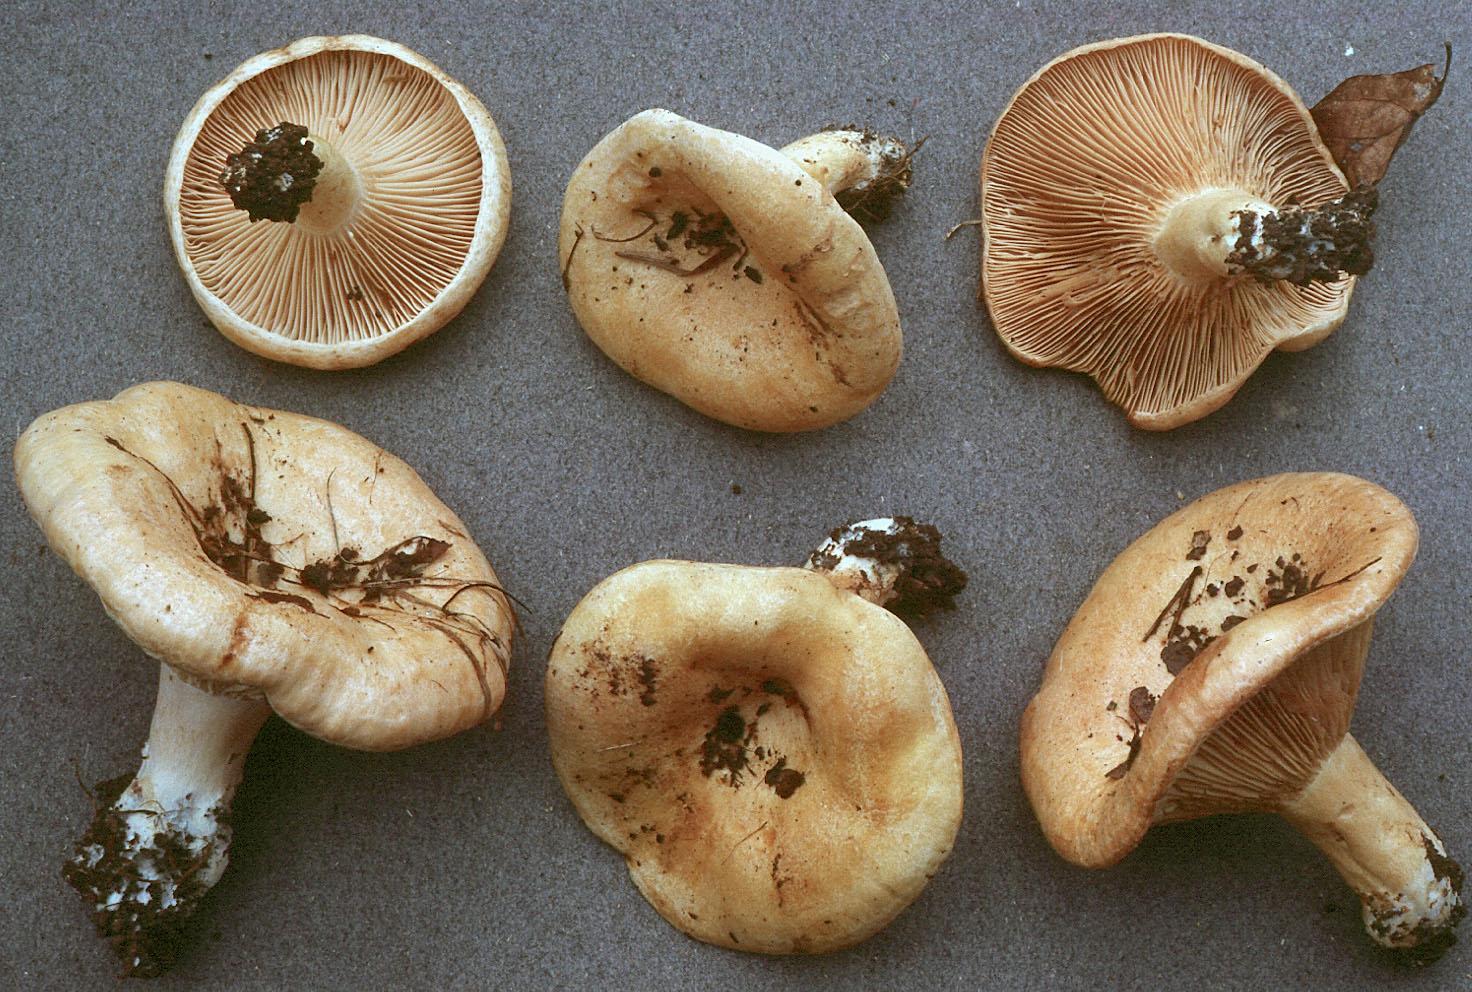 Lactarius acerrimus